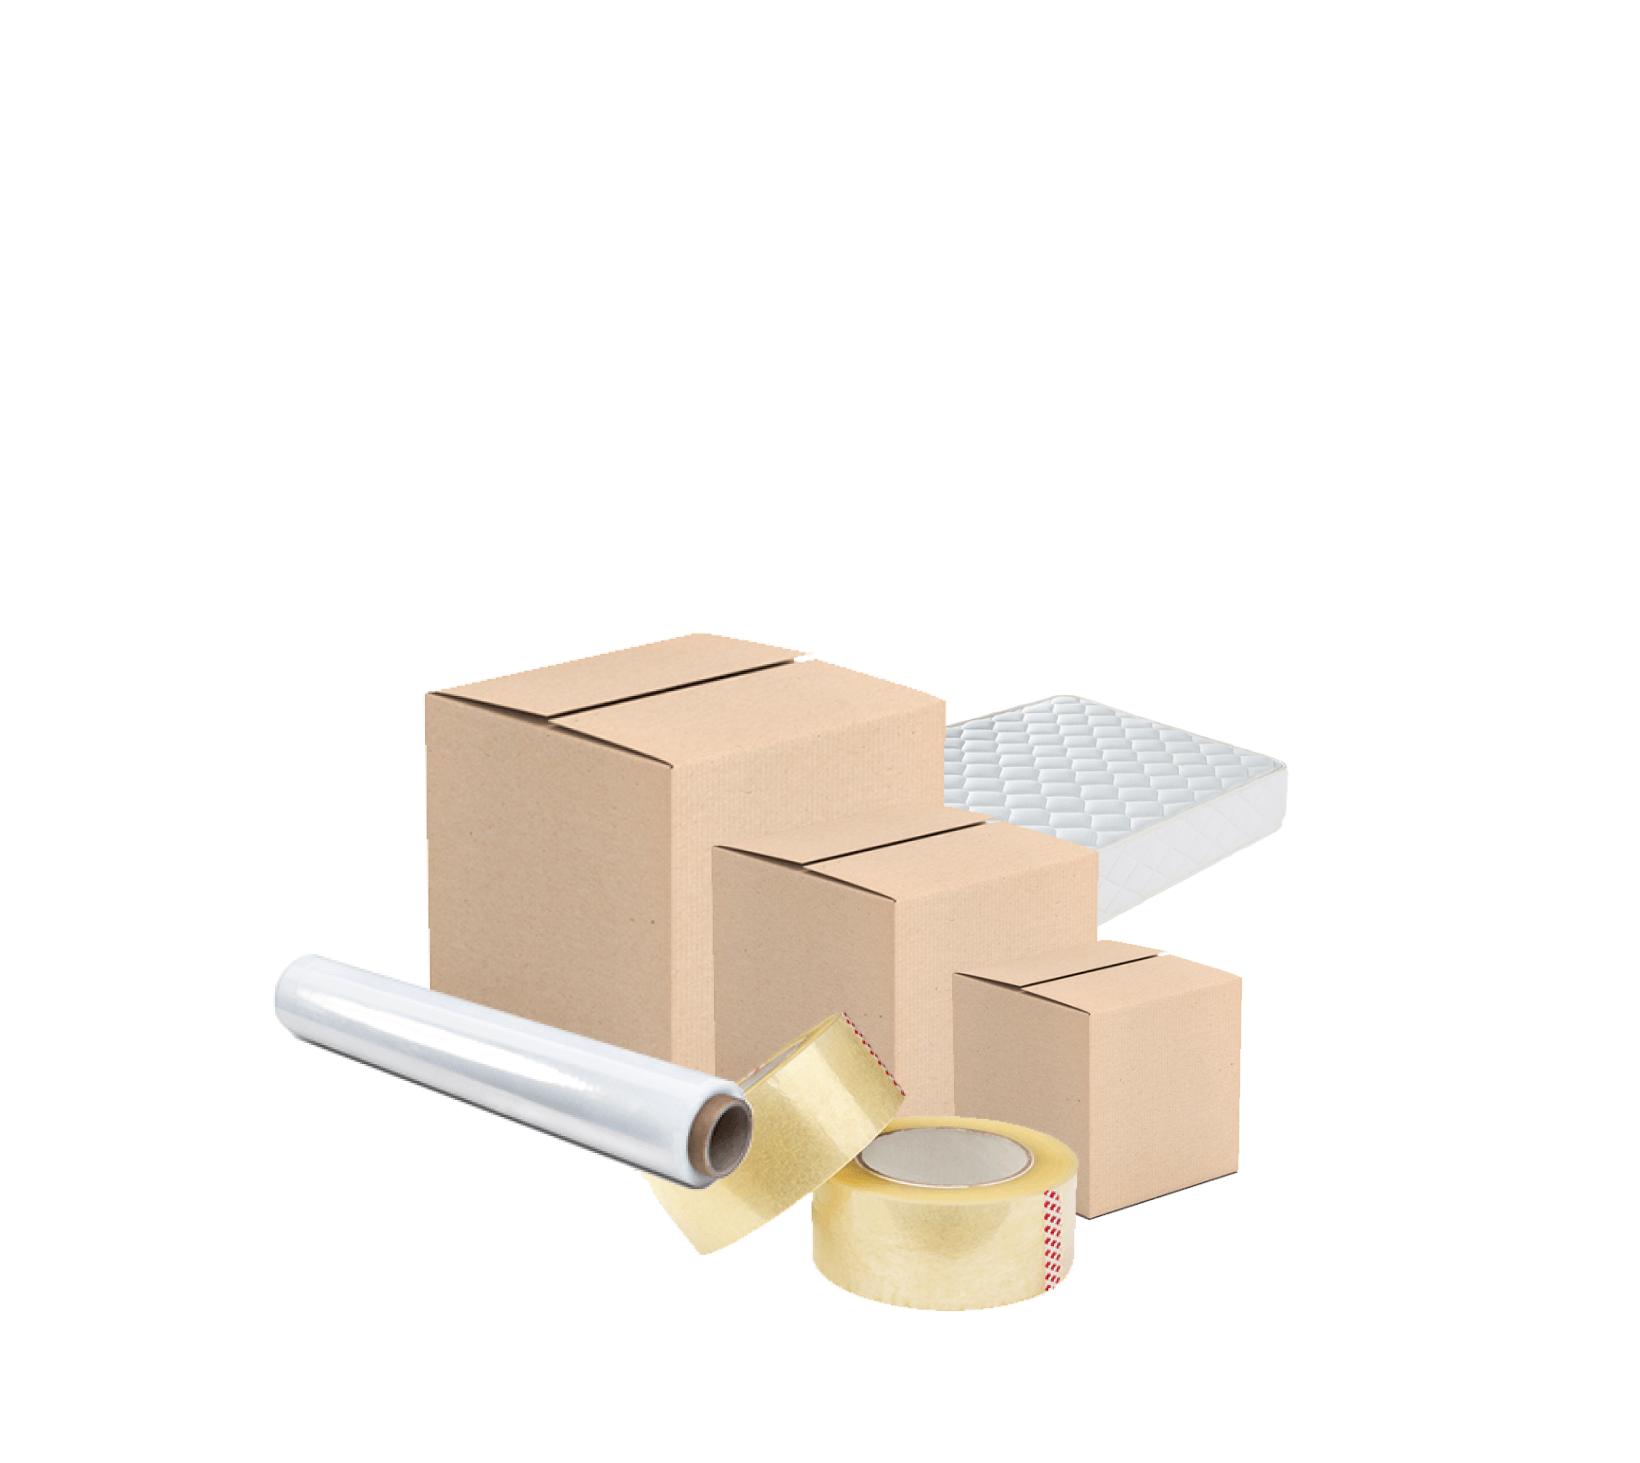 Packing kit